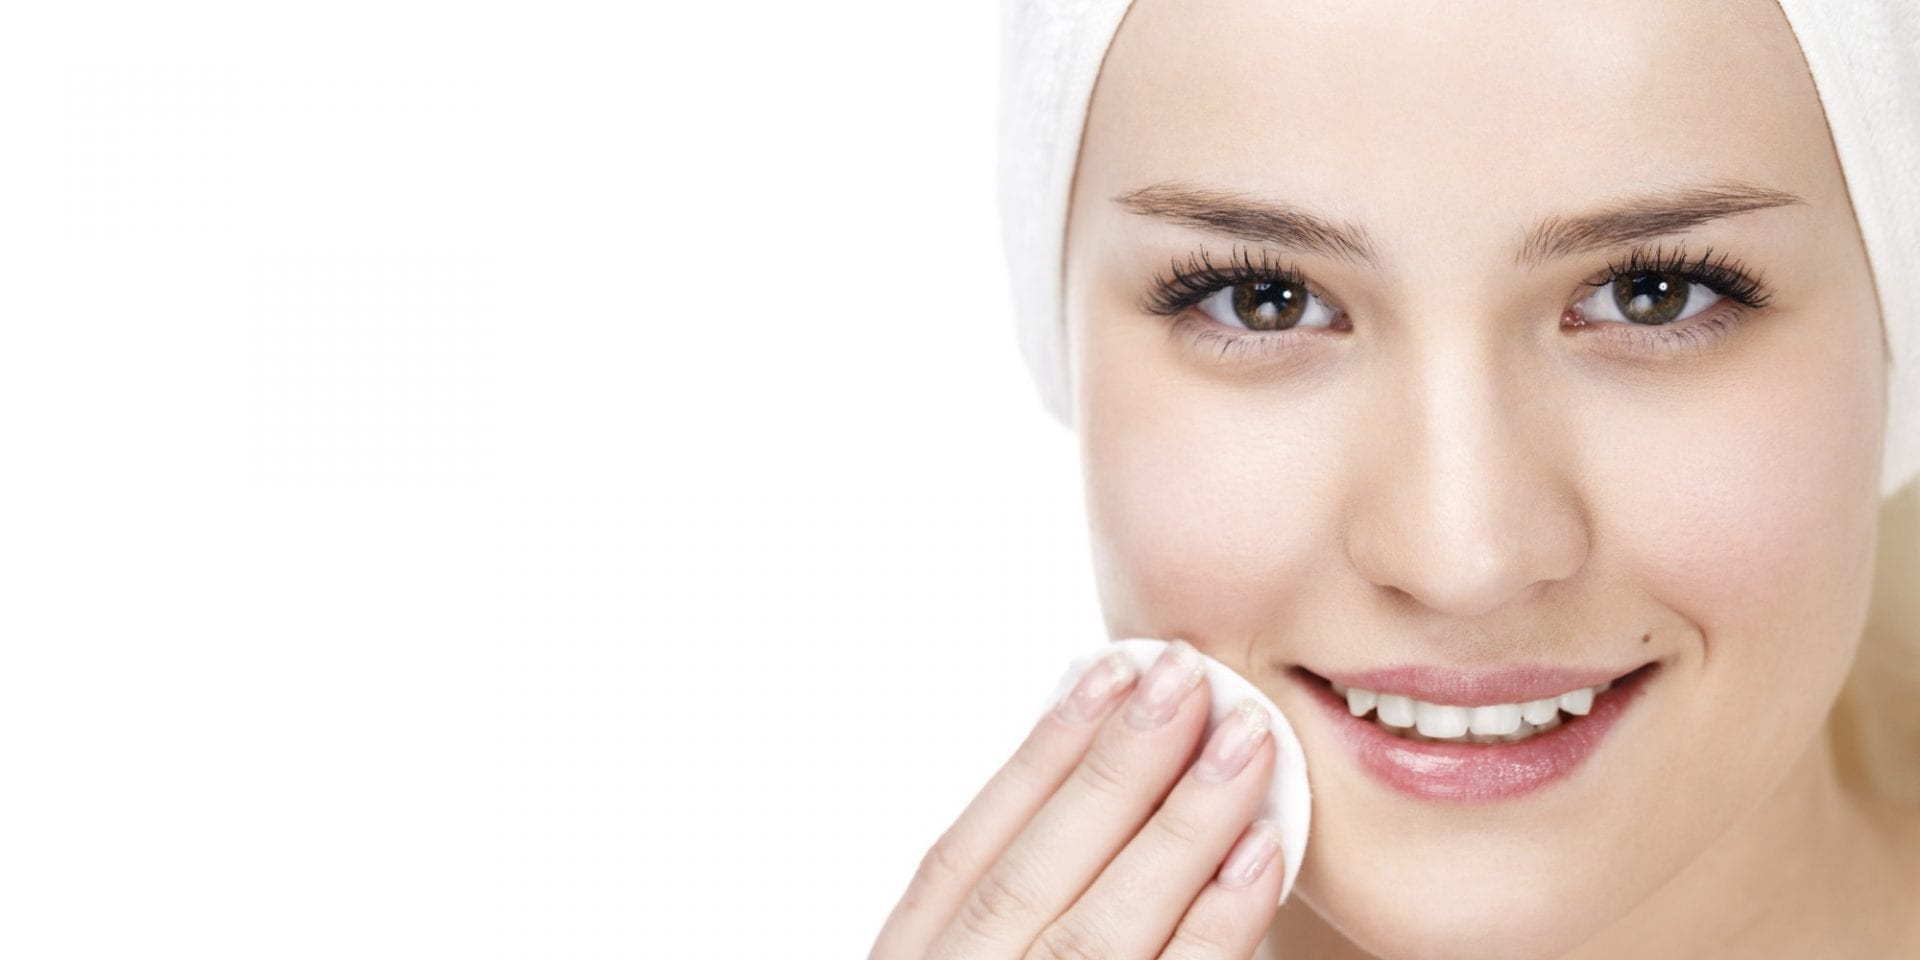 Clarear a pele: 4 técnicas para clarear e 5 hábitos para mantê-la